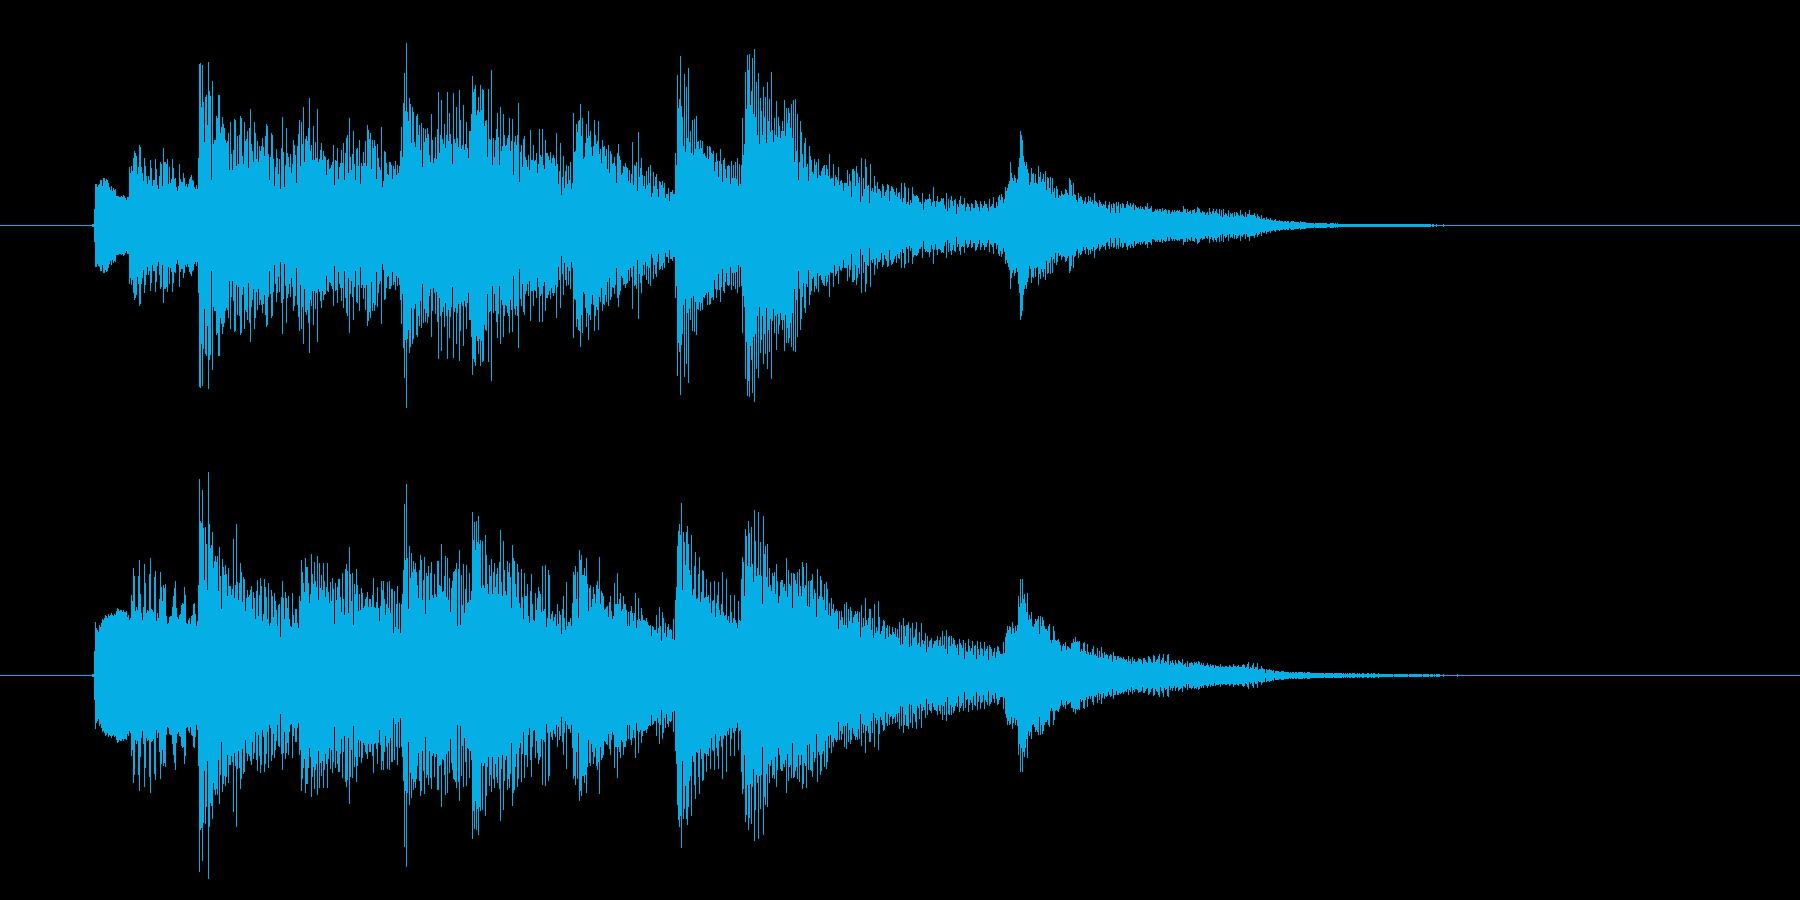 穏やかで癖のないピアノBGMの再生済みの波形